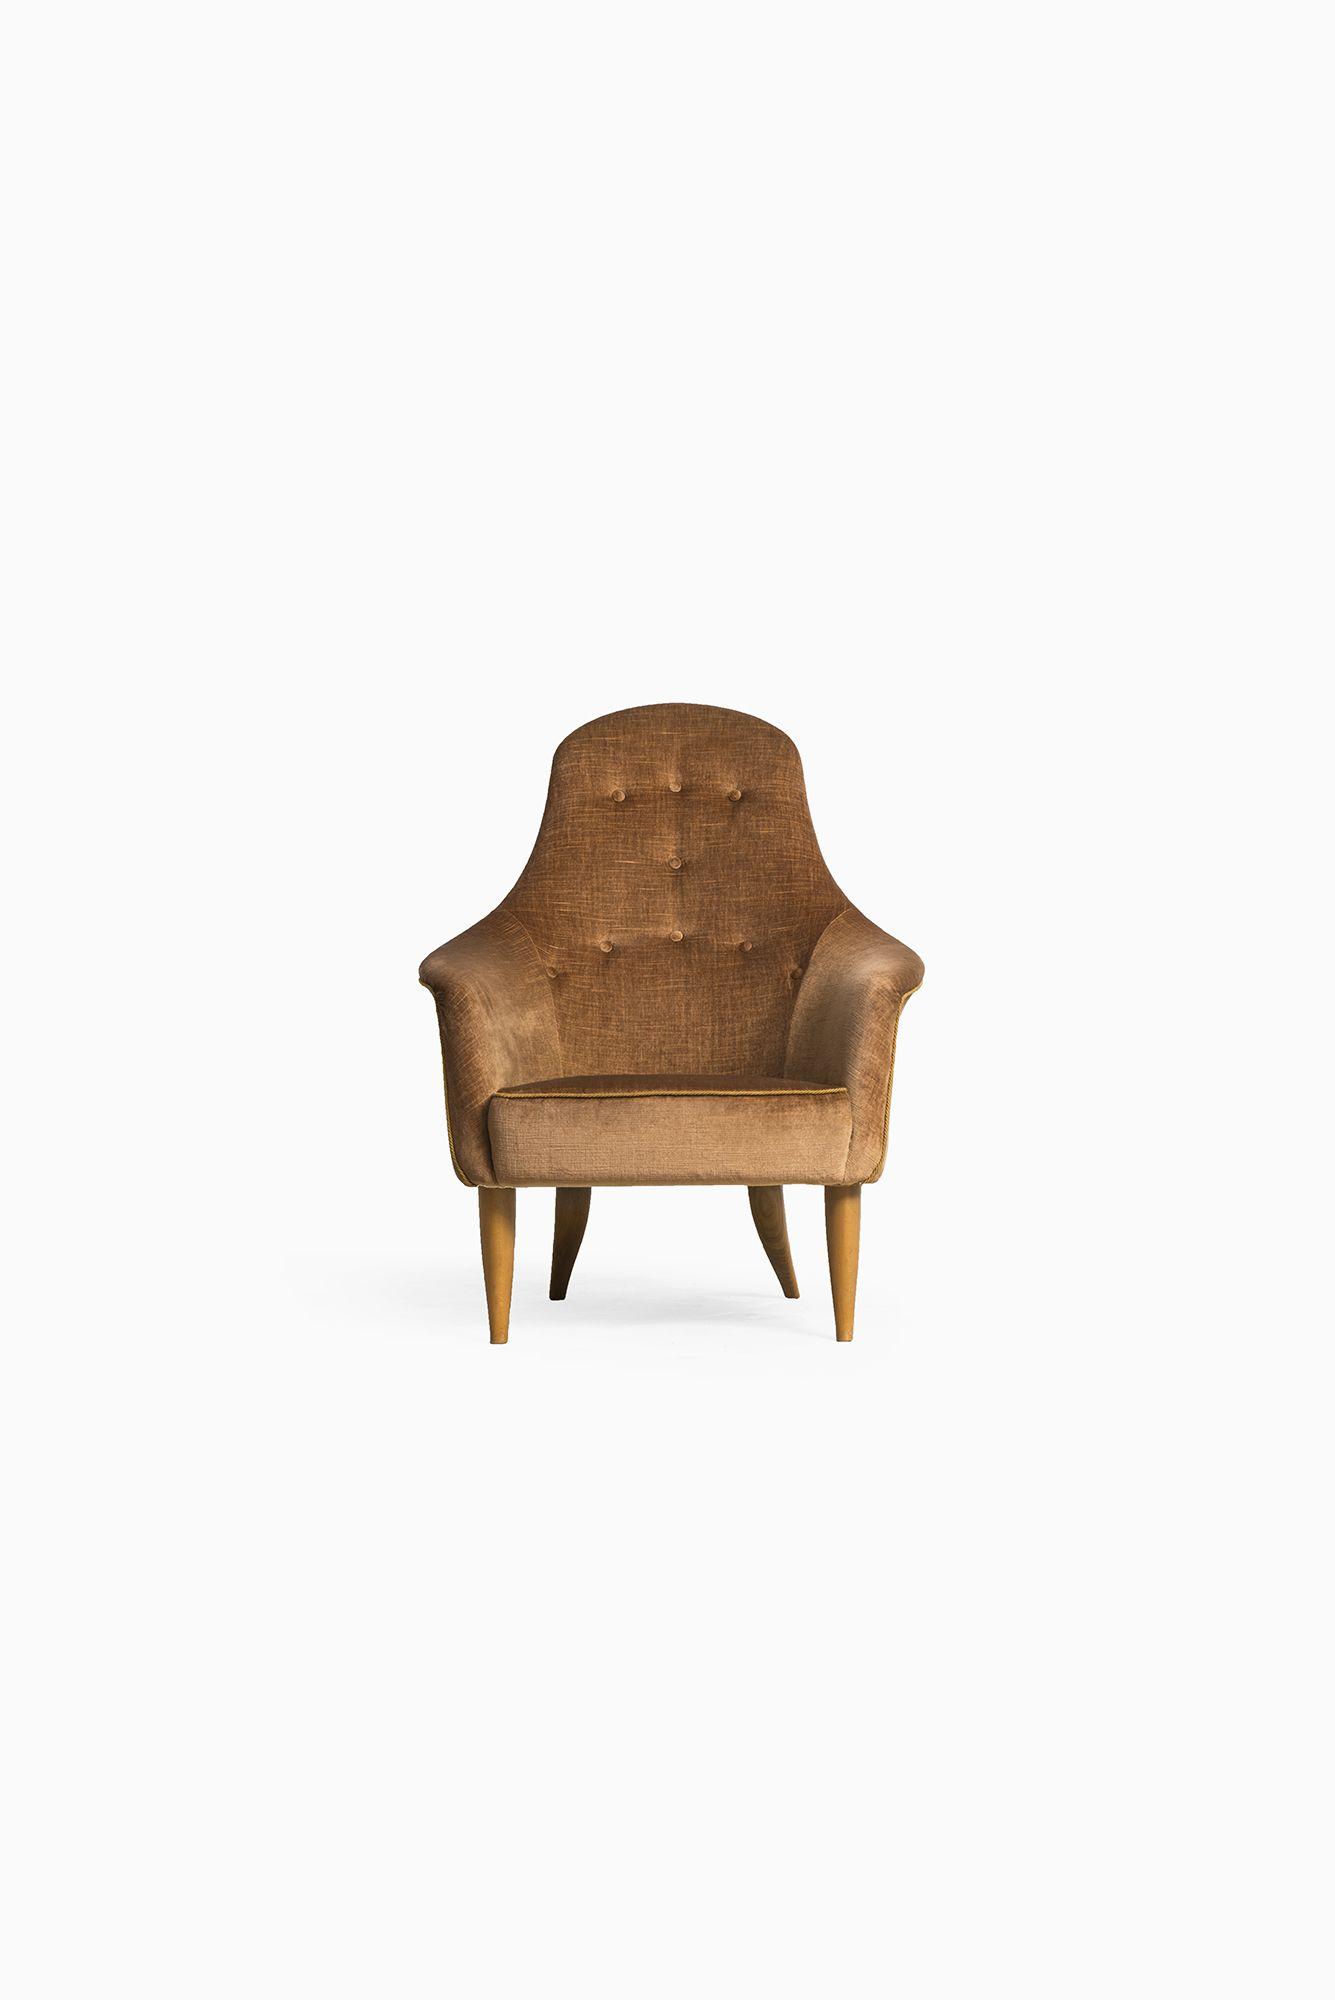 Kerstin Hörlin-Holmquist Stora Adam easy chair at Studio Schalling